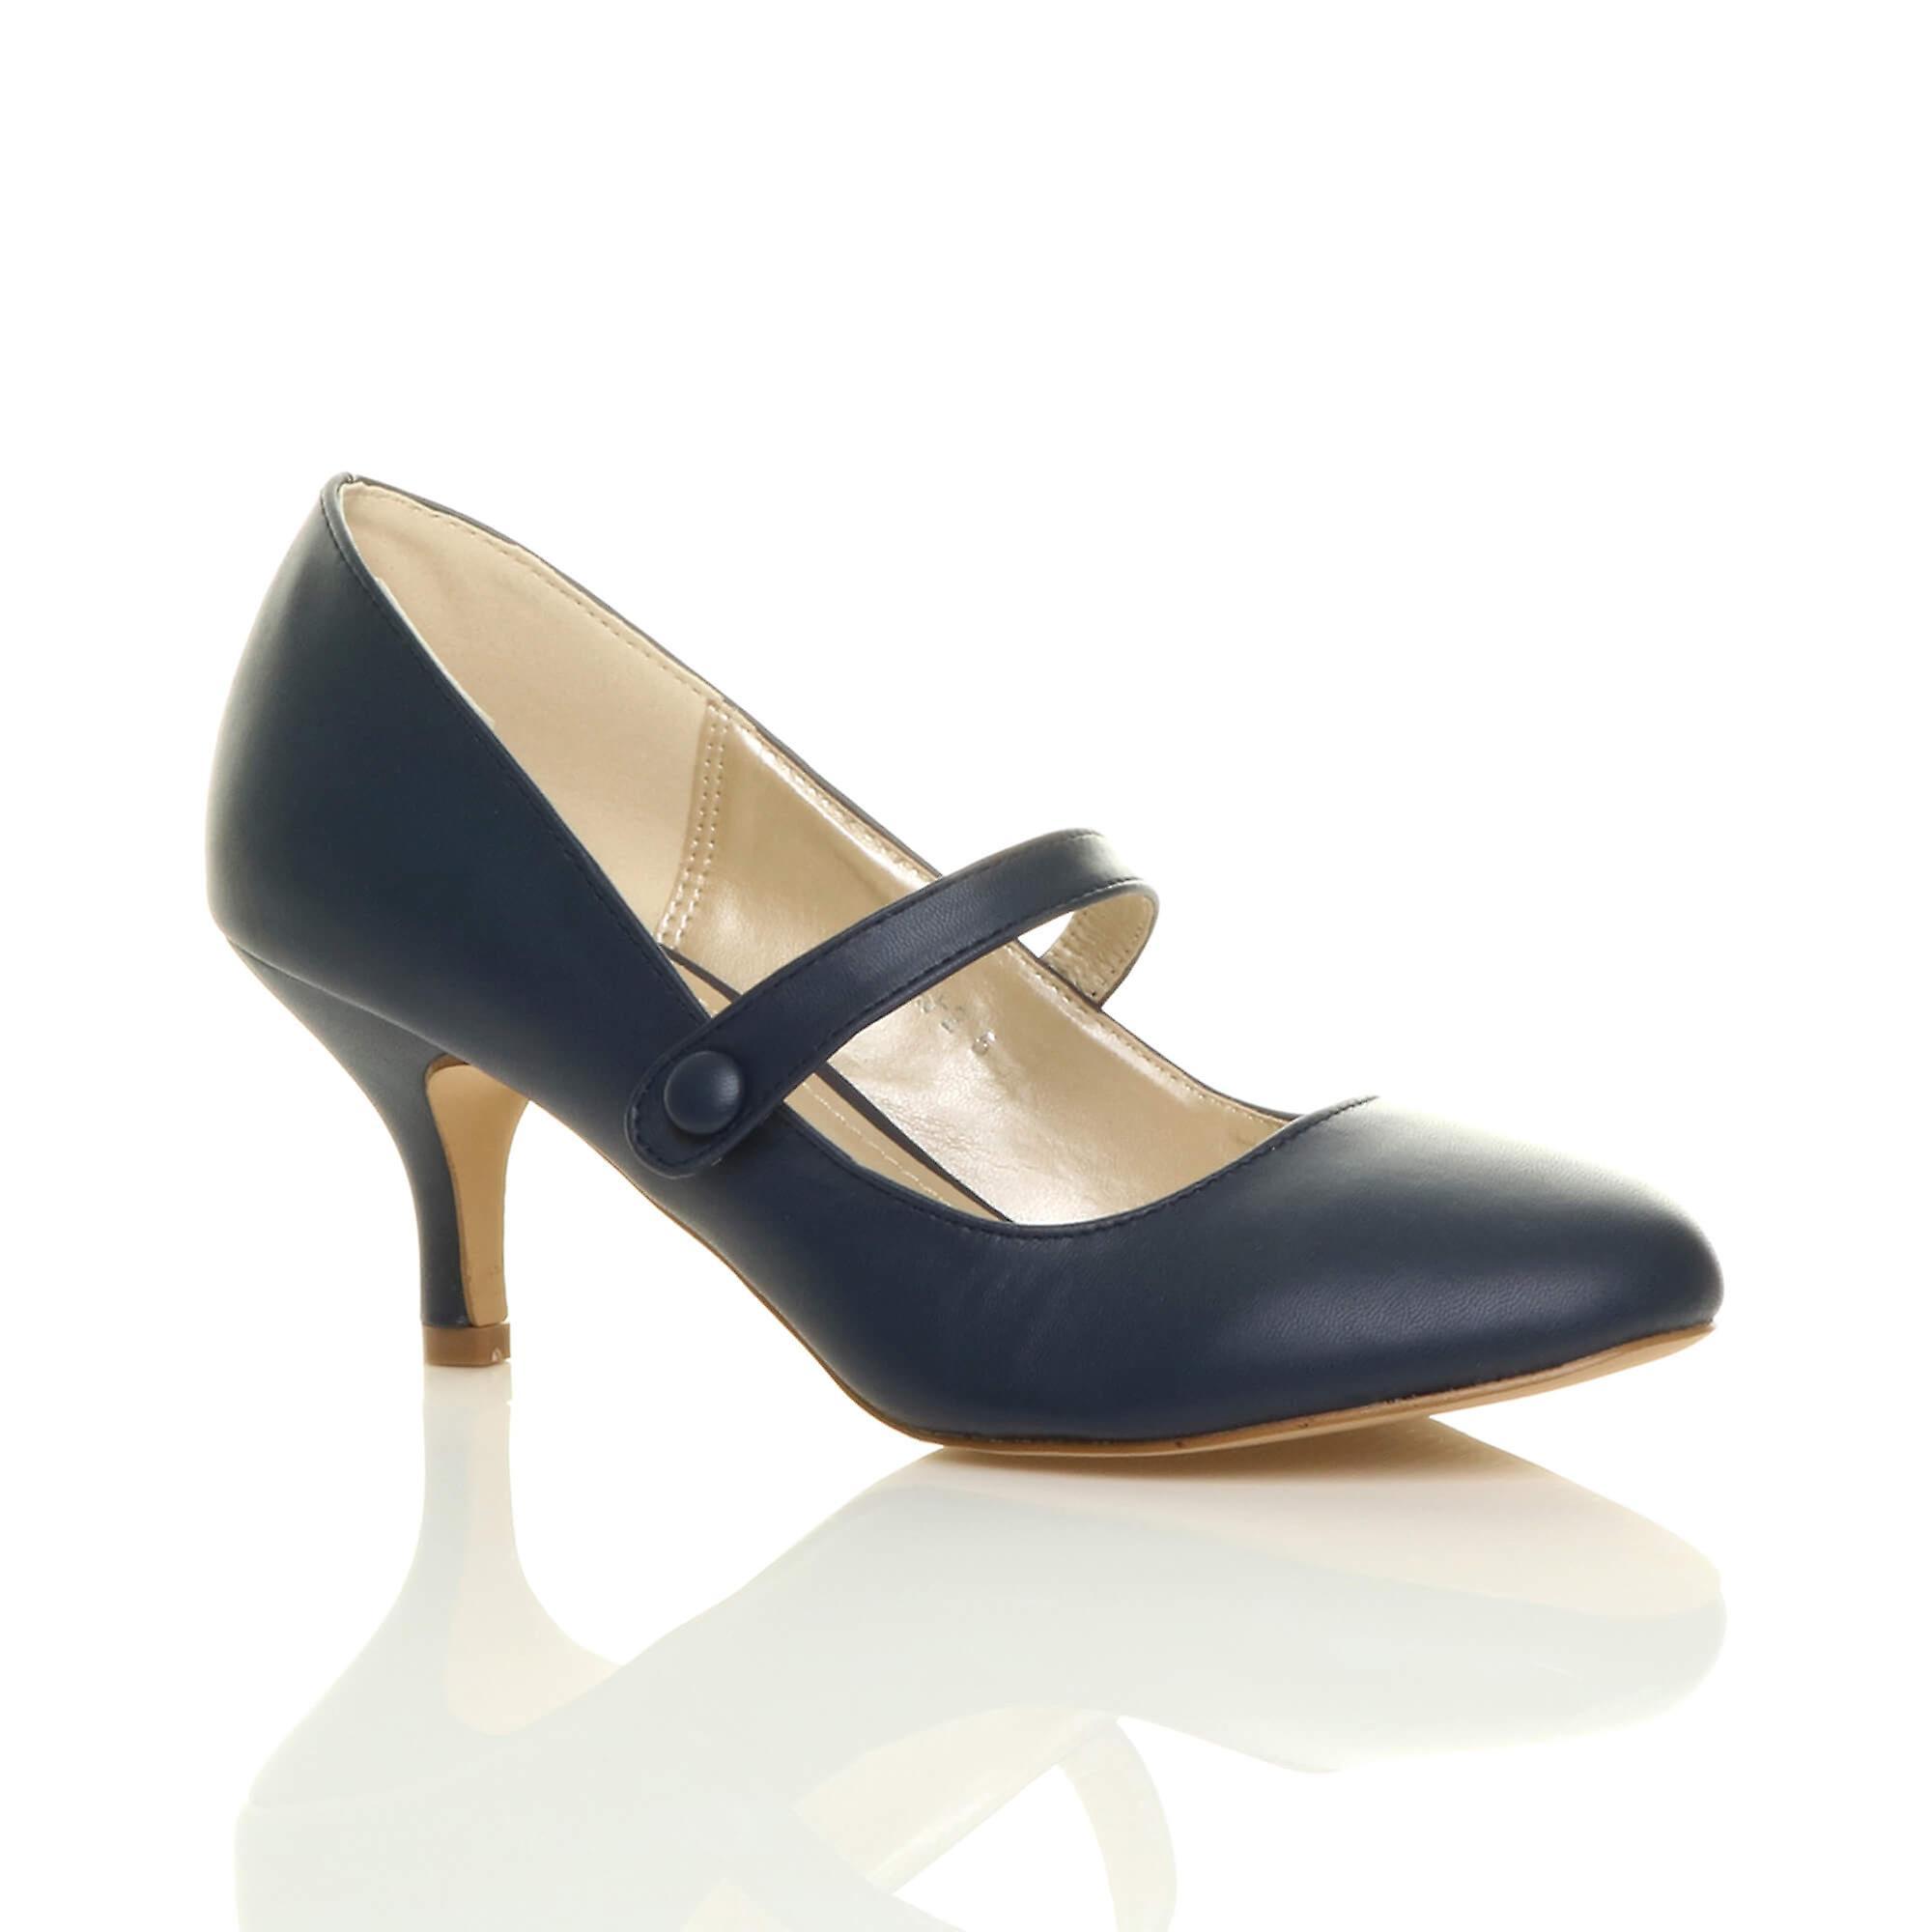 465de544630d2 Ajvani womens low mid heel mary jane strap work party court shoes pumps